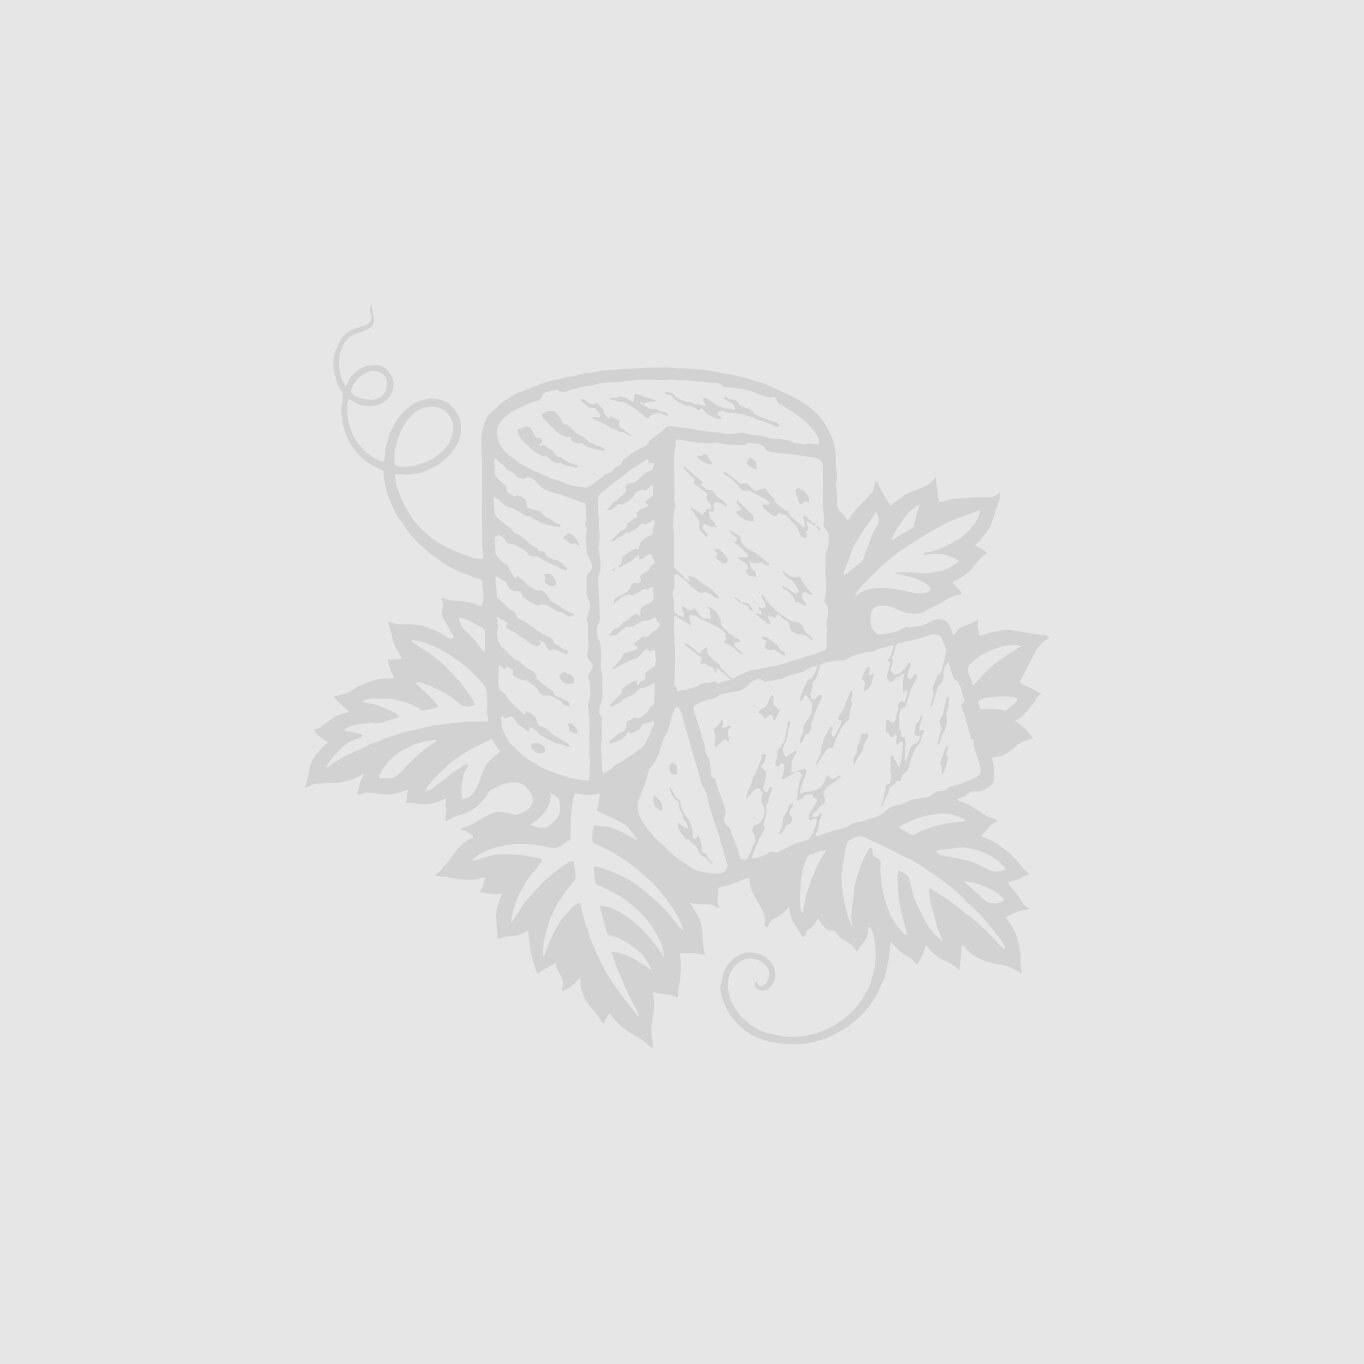 Macon Villages 'Clos Condemine' Domaine Luquet 2019